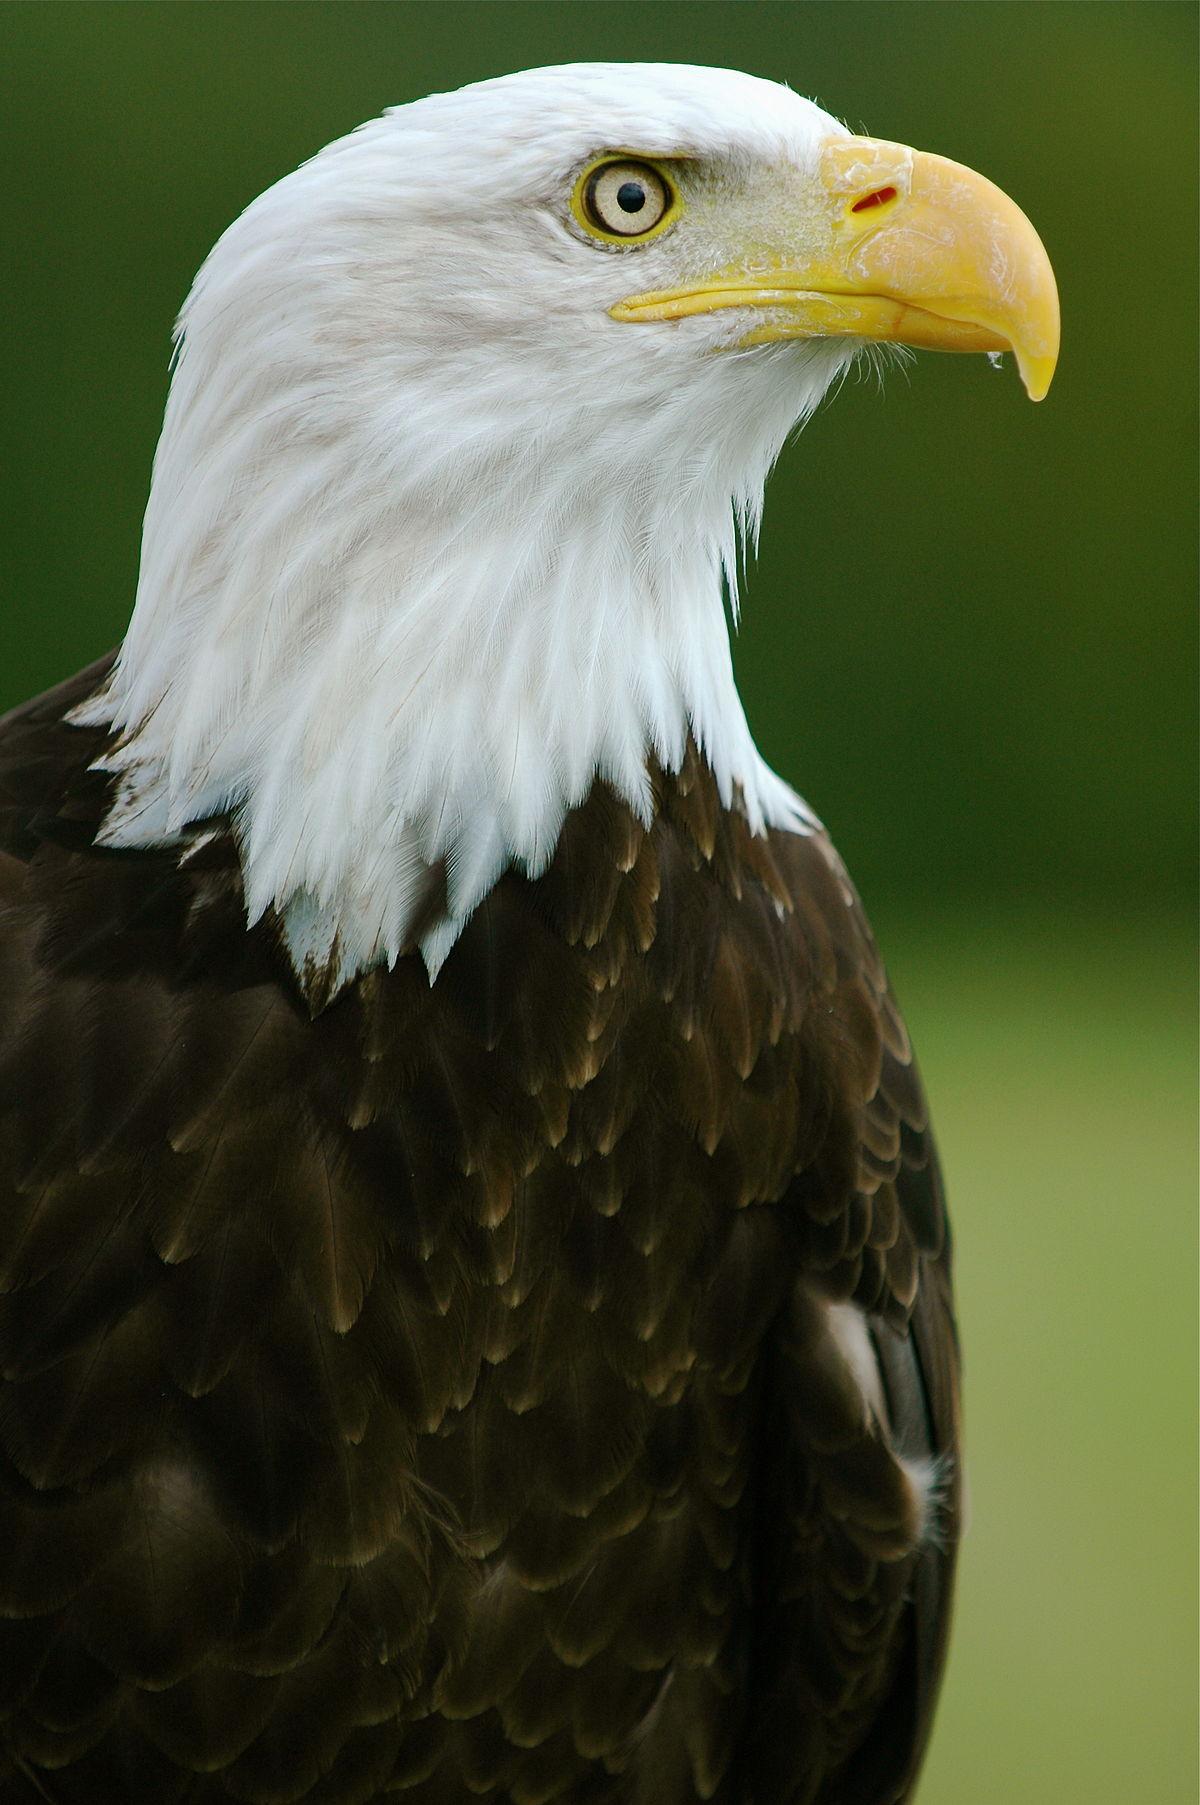 Đại bàng đầu trắng – Wikipedia tiếng Việt